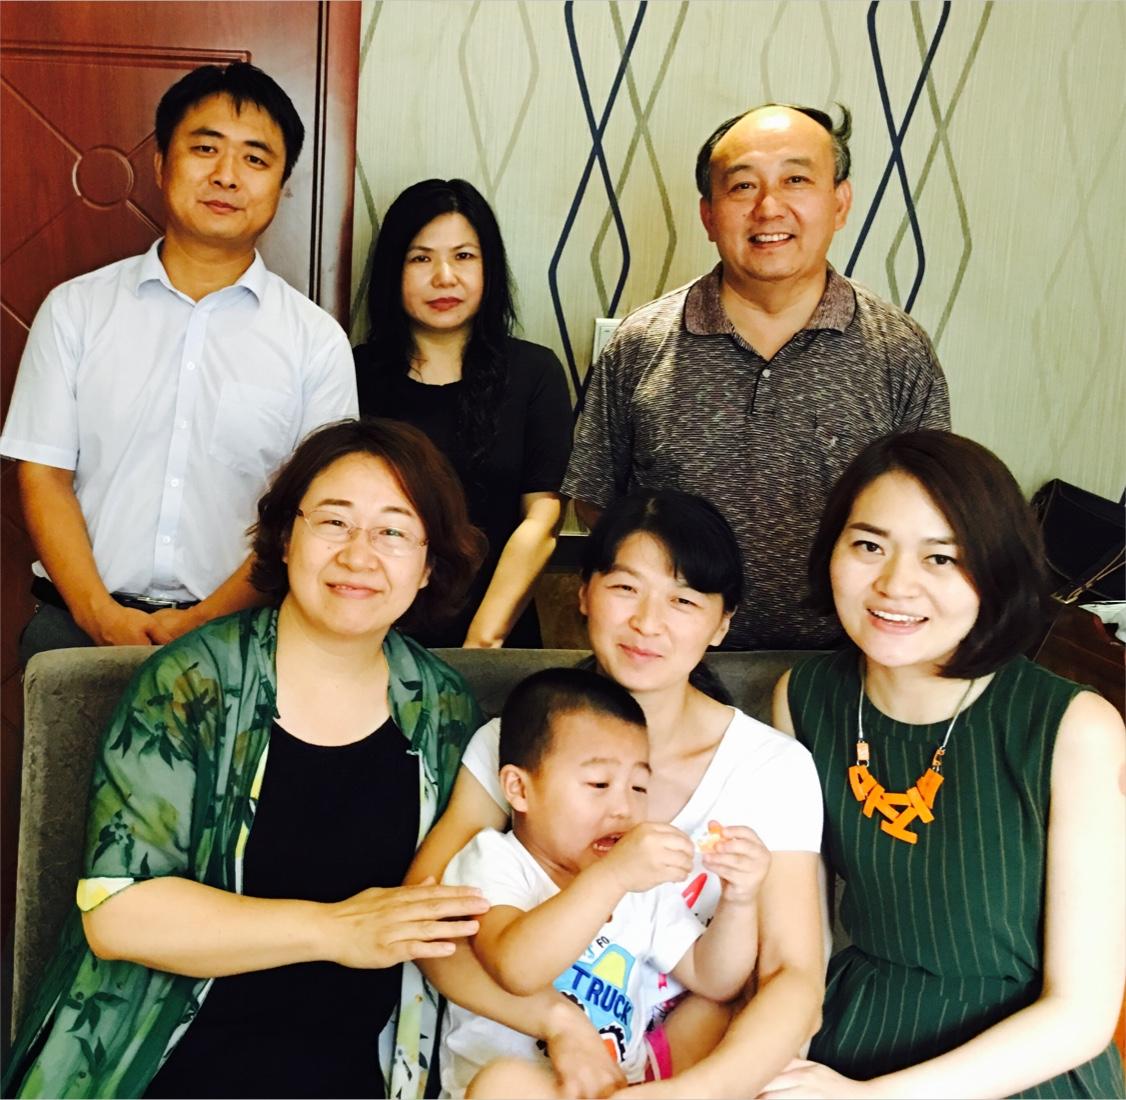 郑州的律师朋友和胡友玲女士